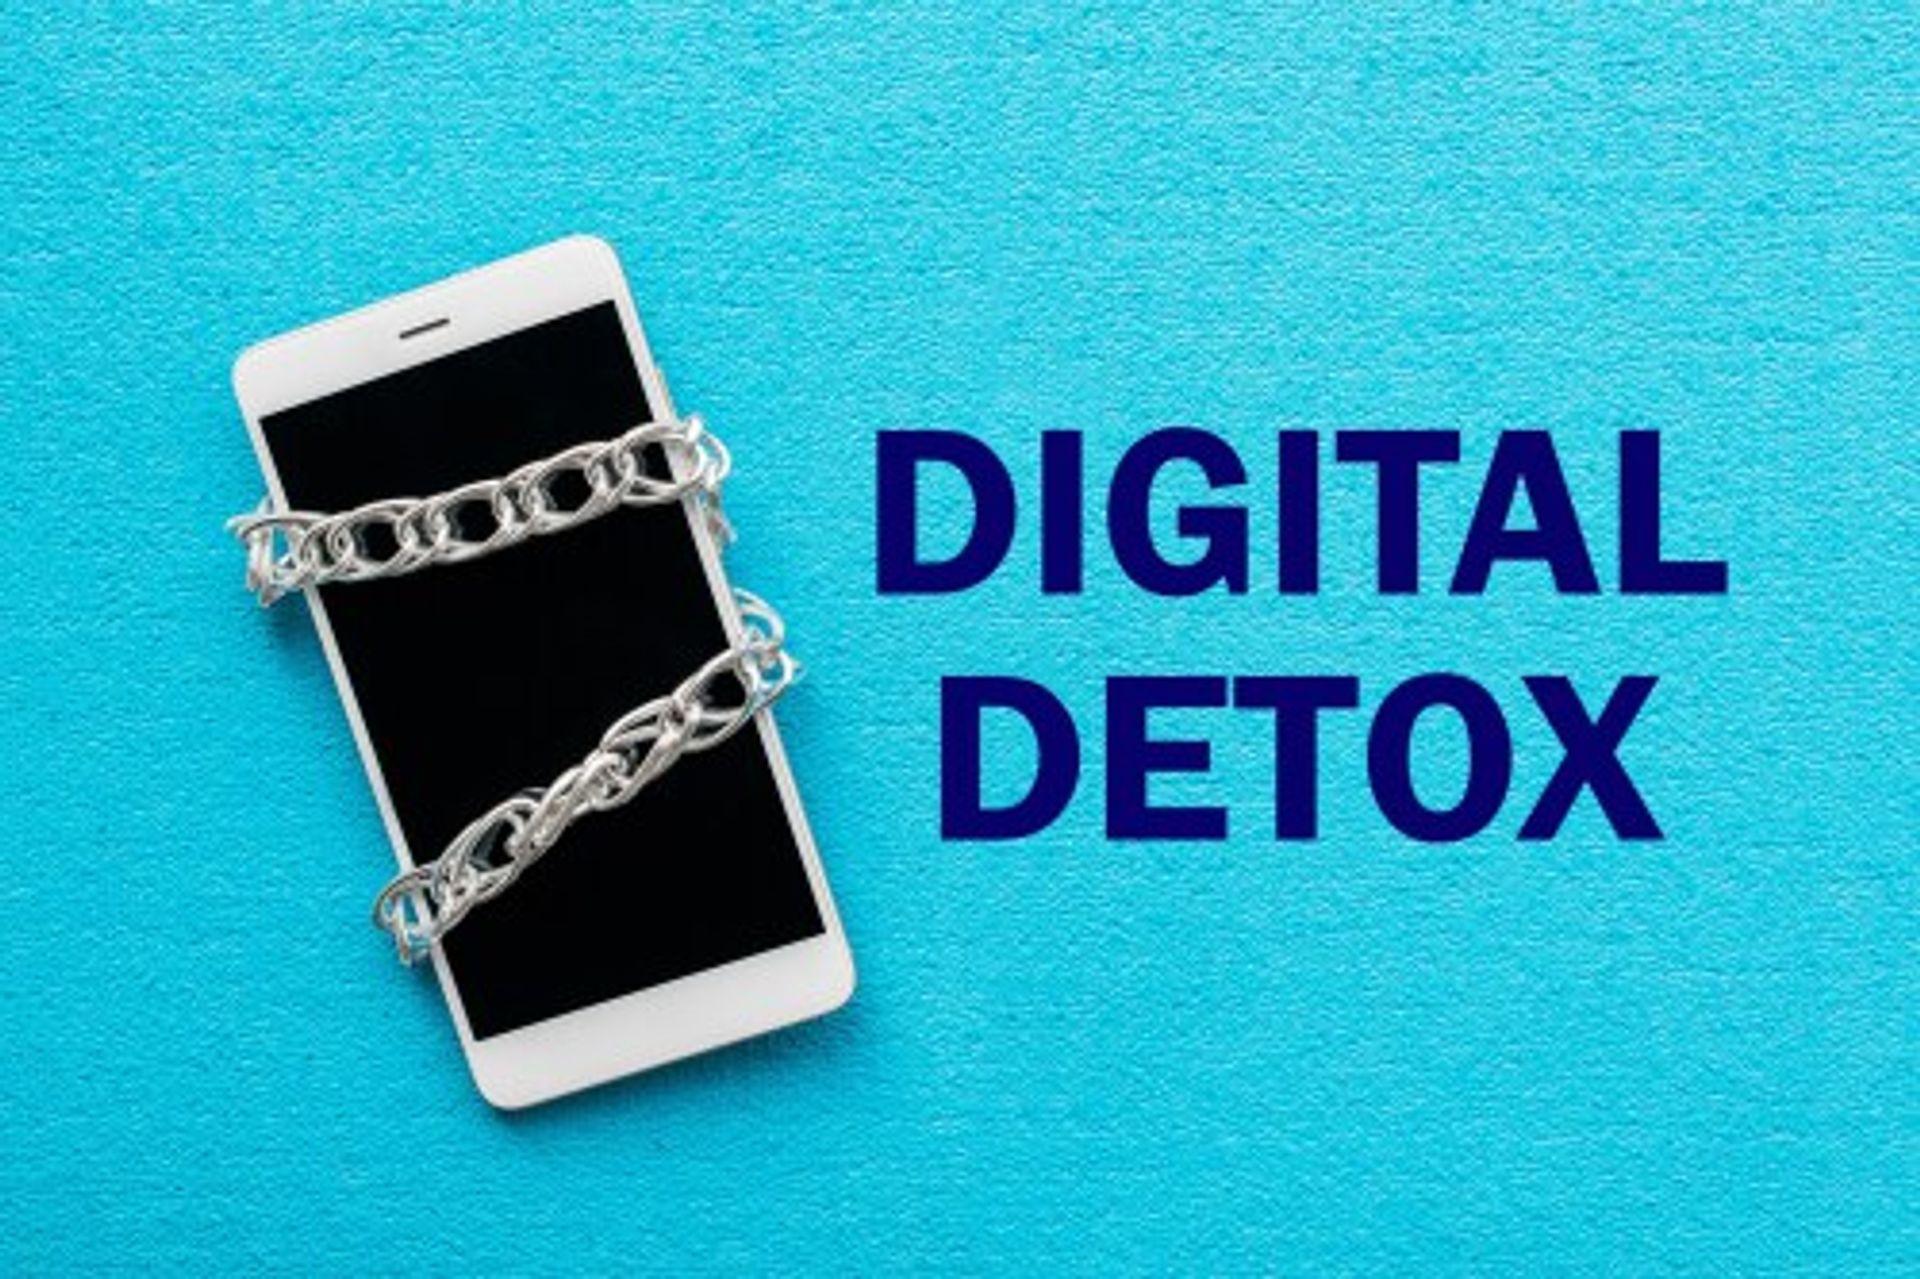 Digital Detoxchallenge: Olivier en Sophie evalueren hoe het op dit moment gaat